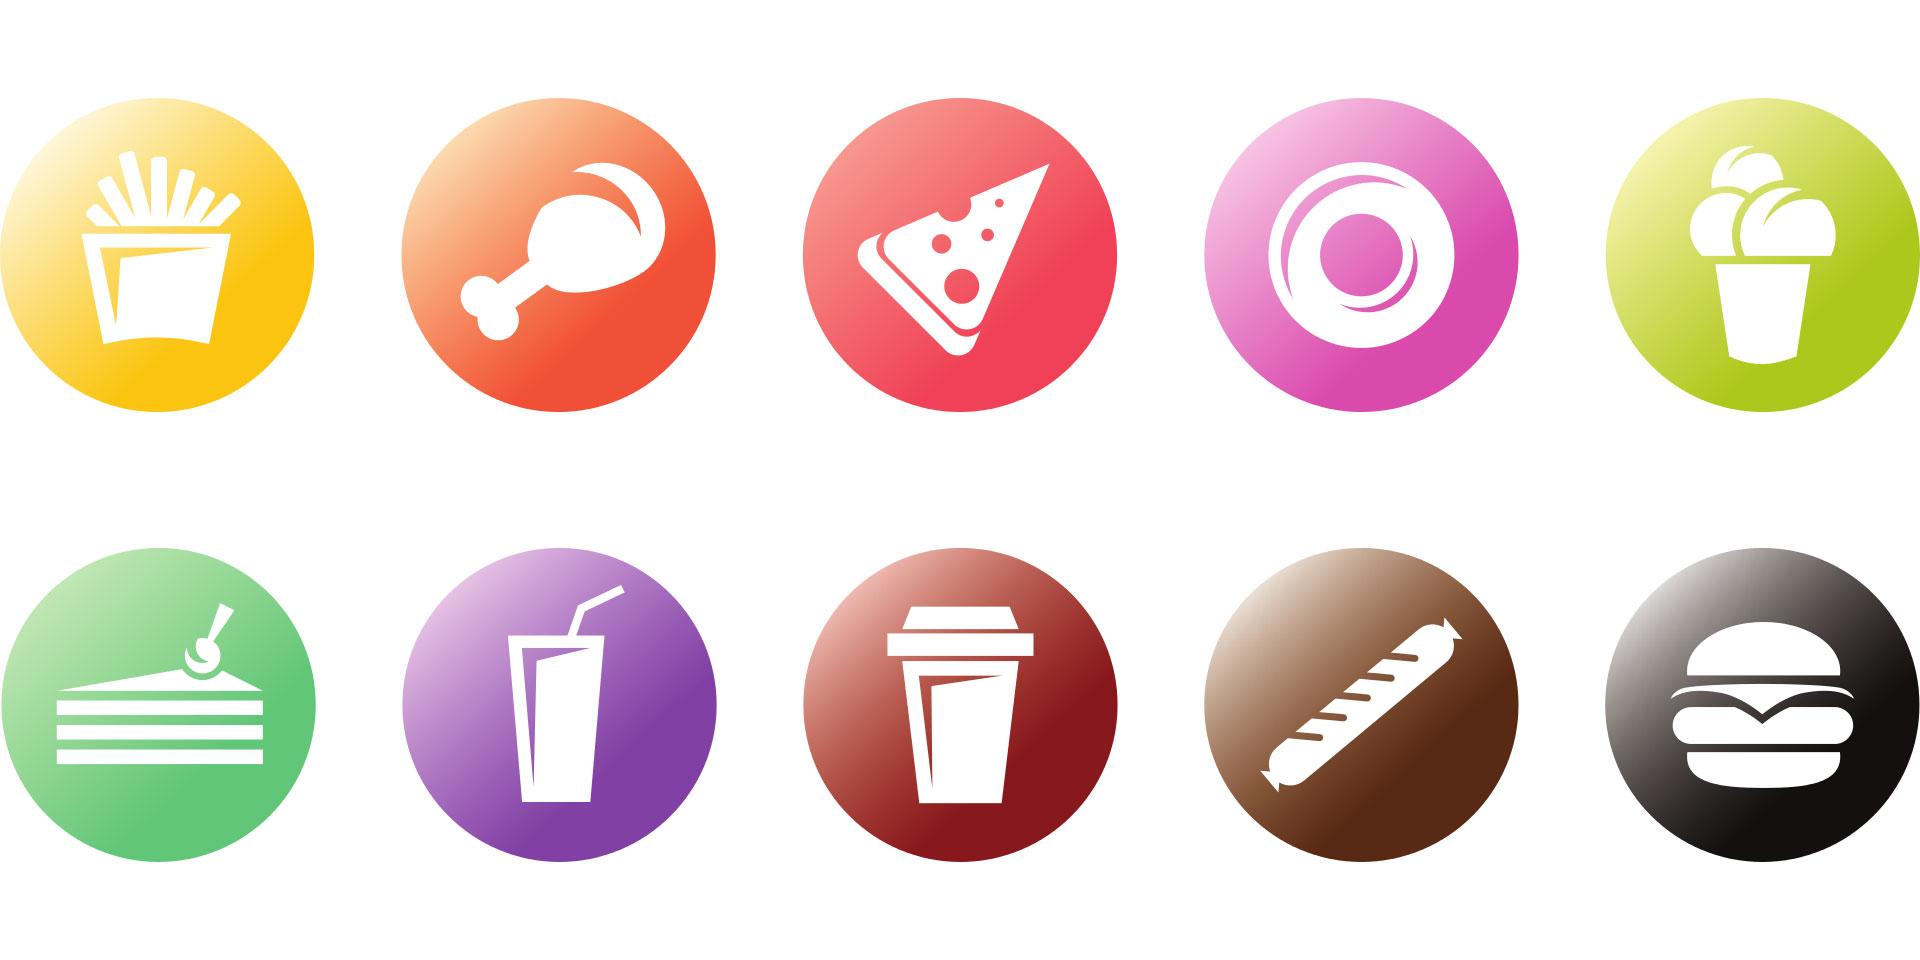 Jak wypromować produkt i nie stracić konsumenta, czyli o odpowiedzialności w komunikacji marek spożywczych